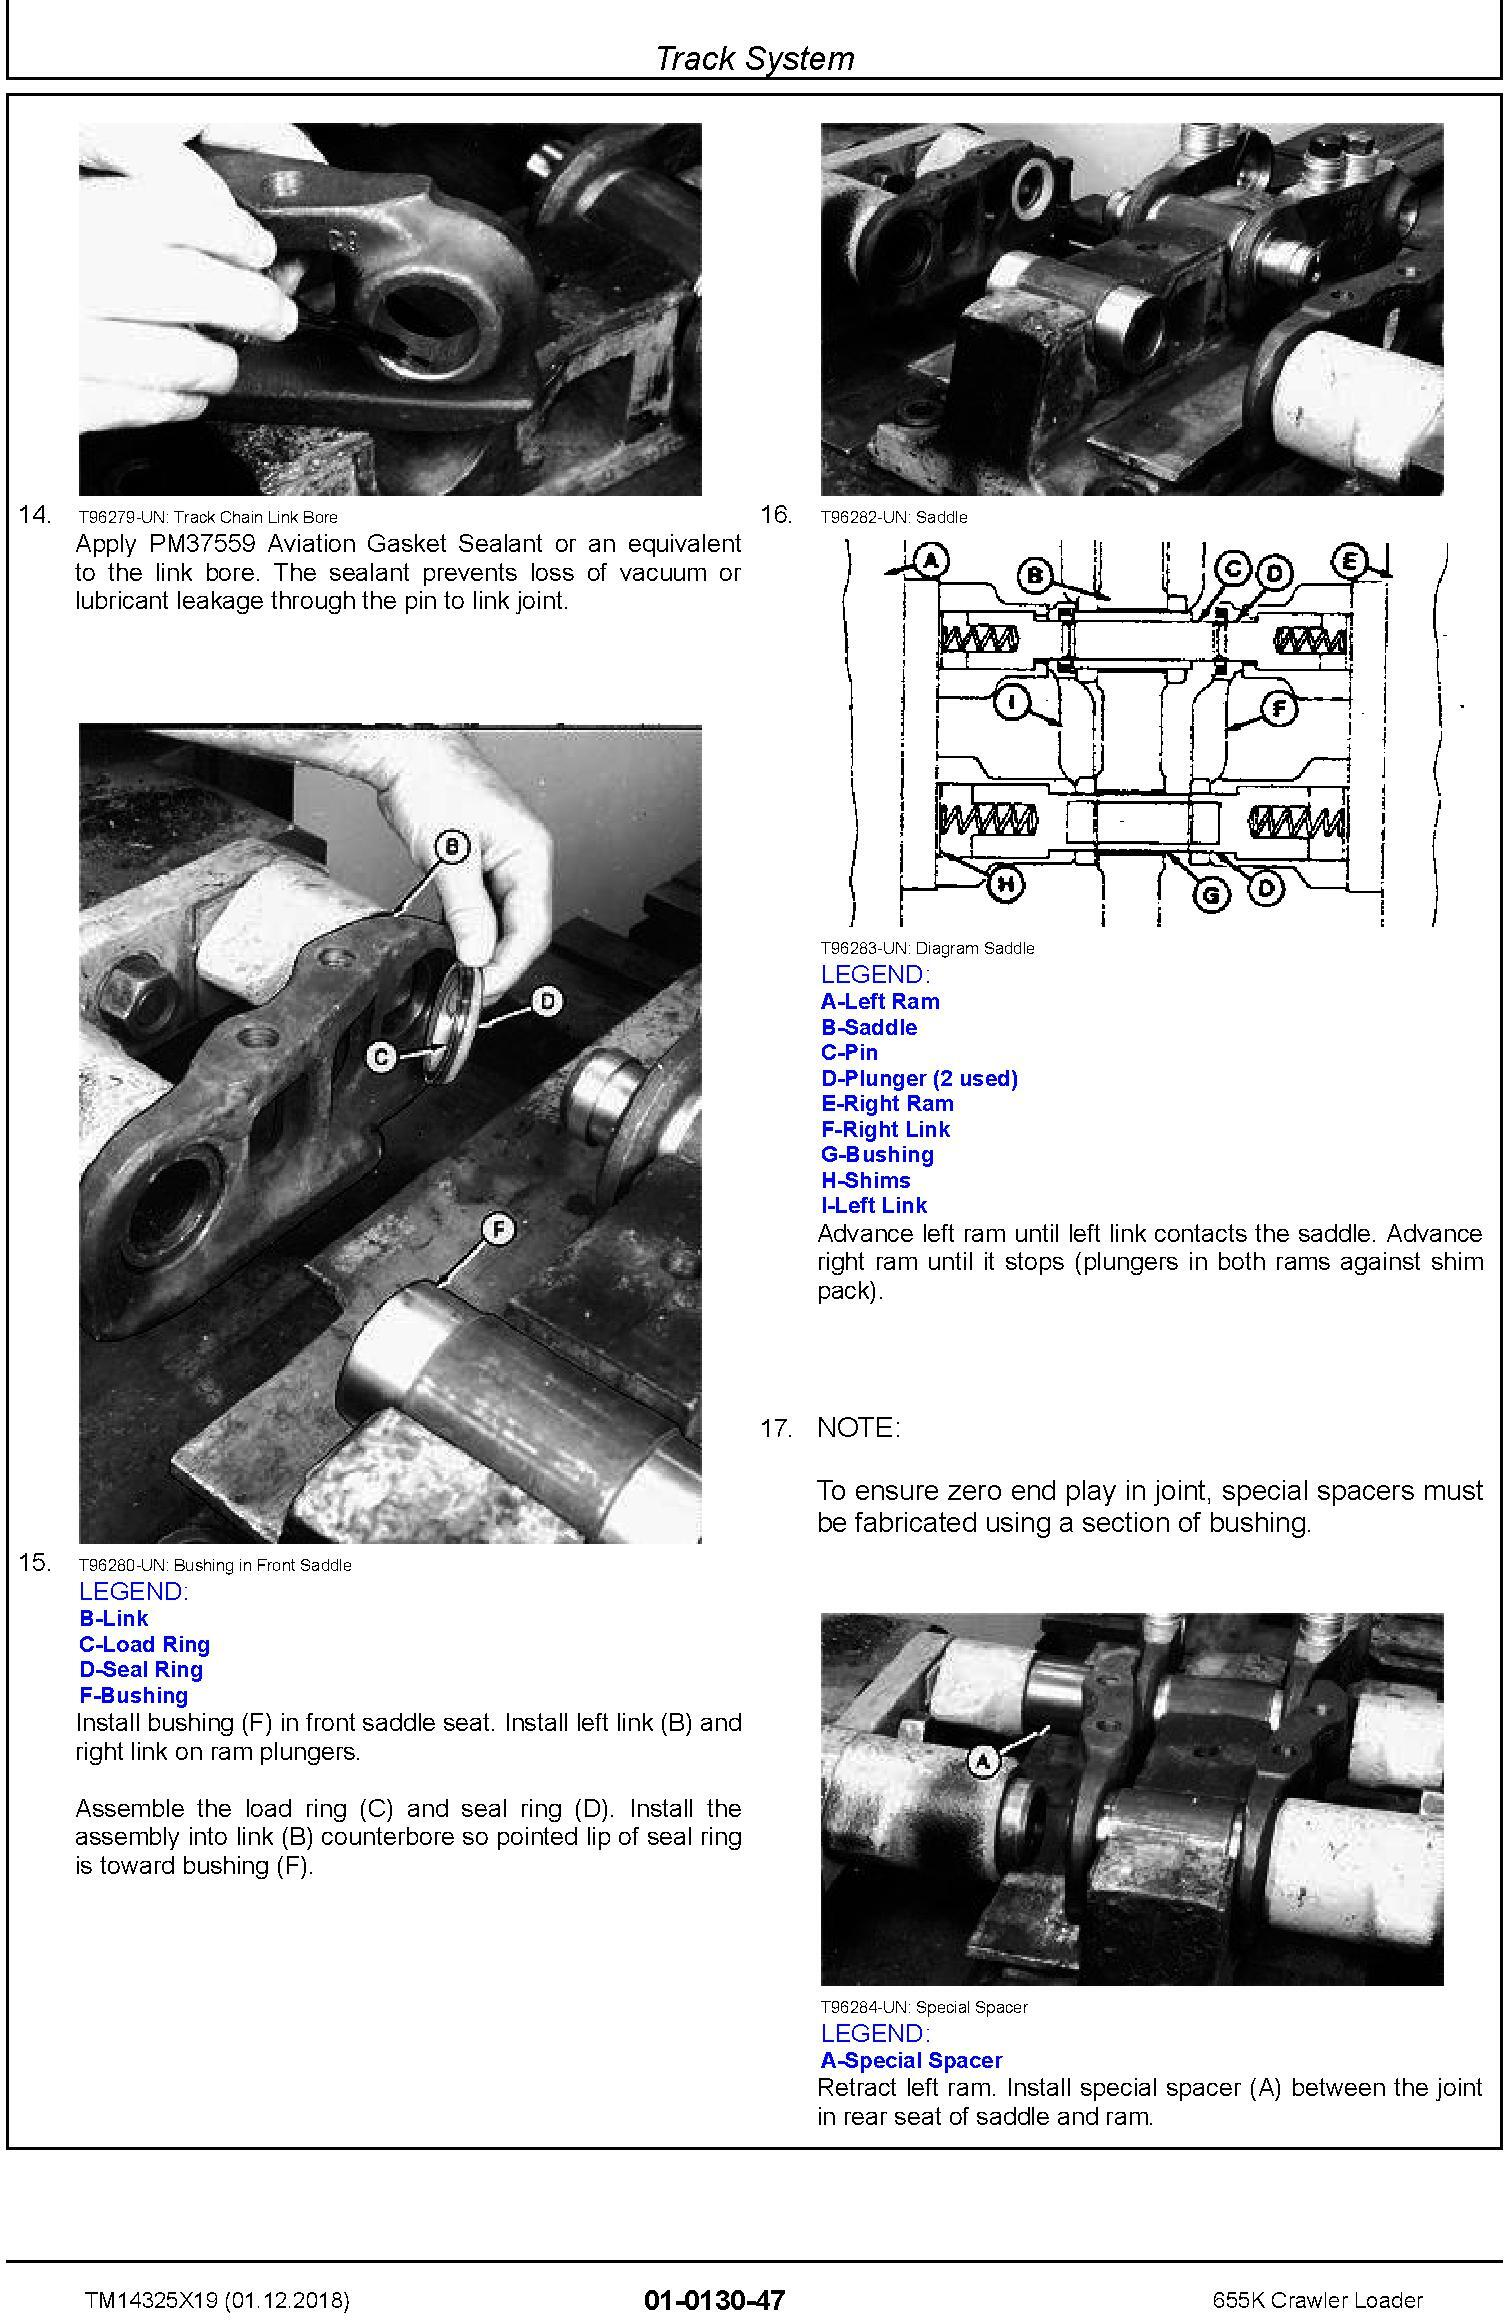 John Deere 655K Crawler Loader Repair Technical Manual (TM14325X19) - 3